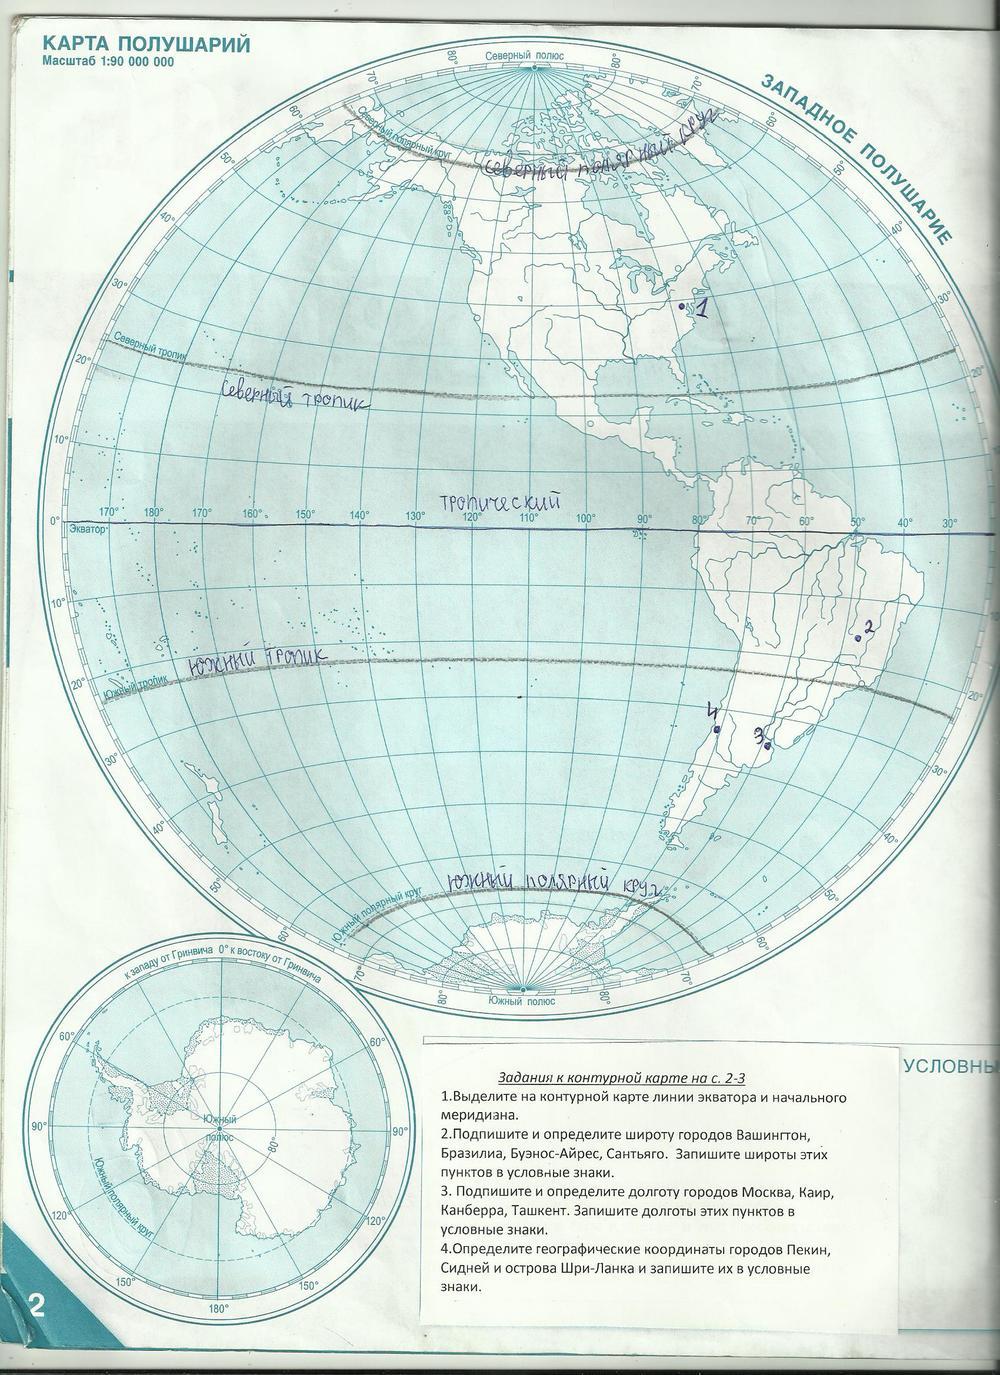 Решебник По Контурным Картам 7 Класс География Русское Слово